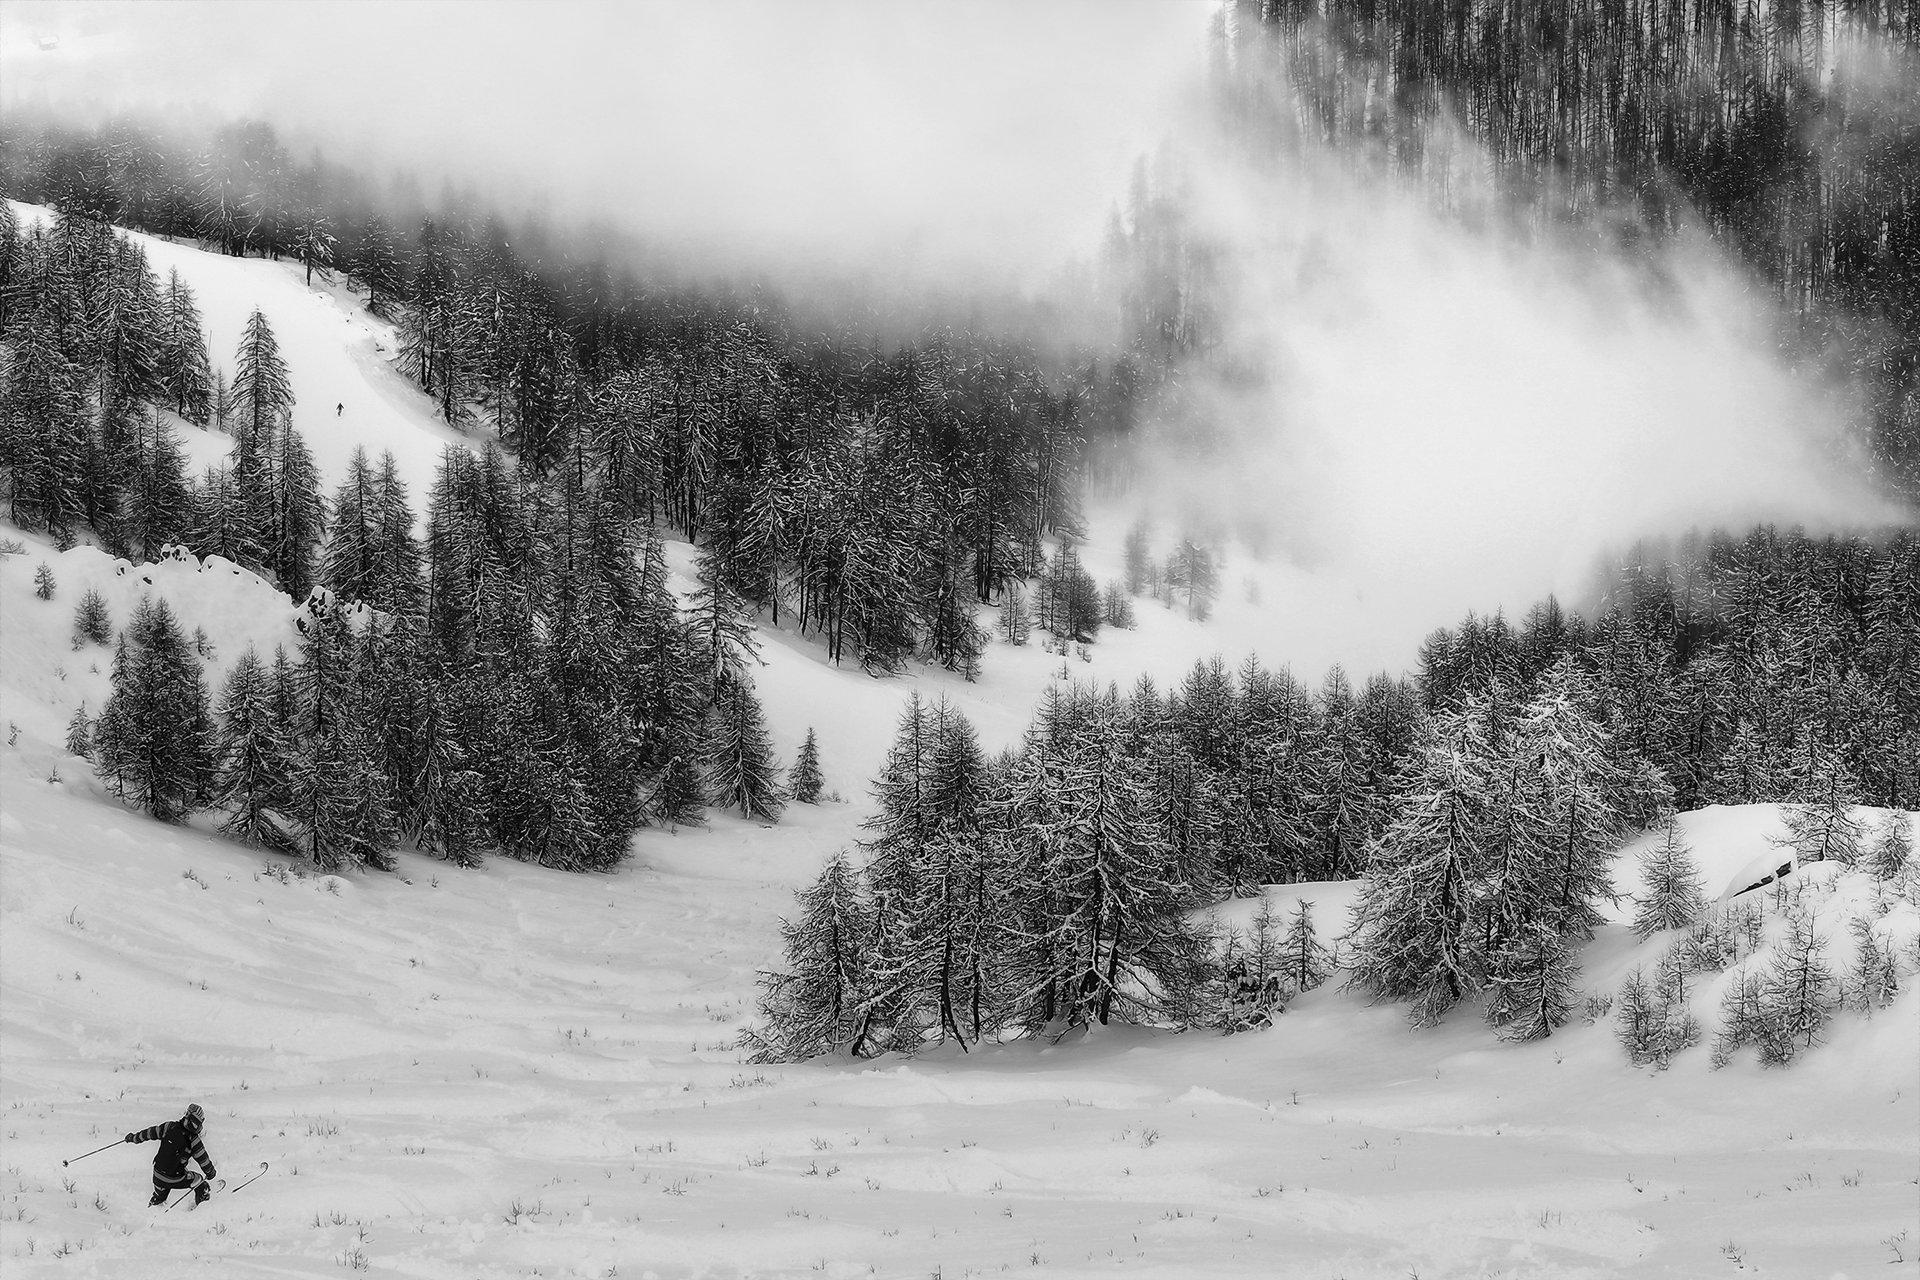 горные лыжи, горнолыжный курорт, горы, туман, альпы, франция, лыжник, снег, зима, Алла Соколова